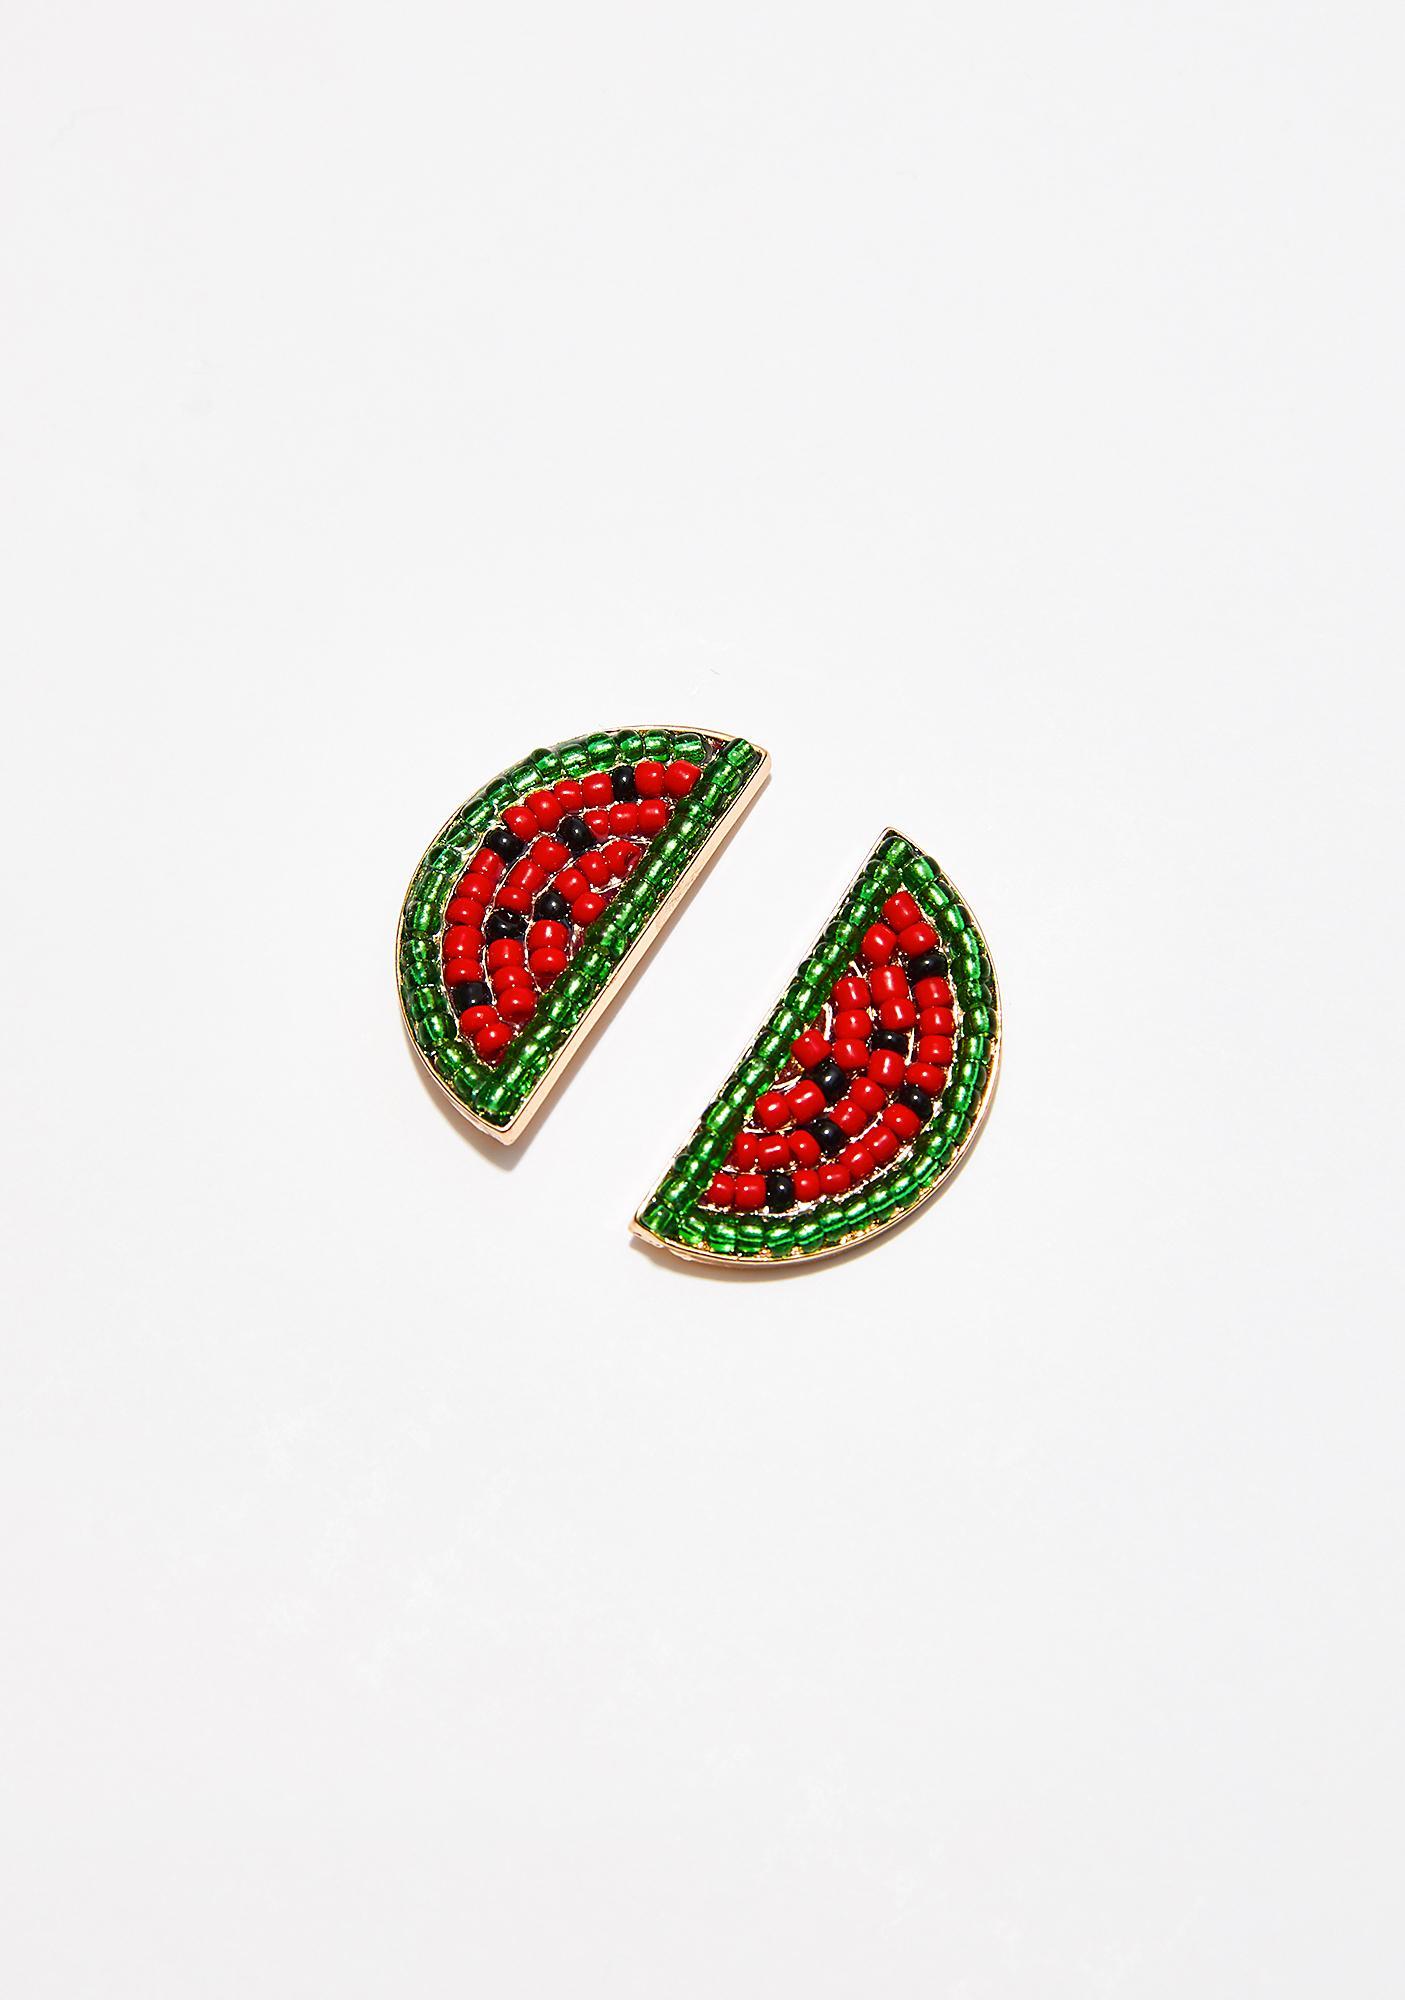 Make It Juicy Watermelon Earrings